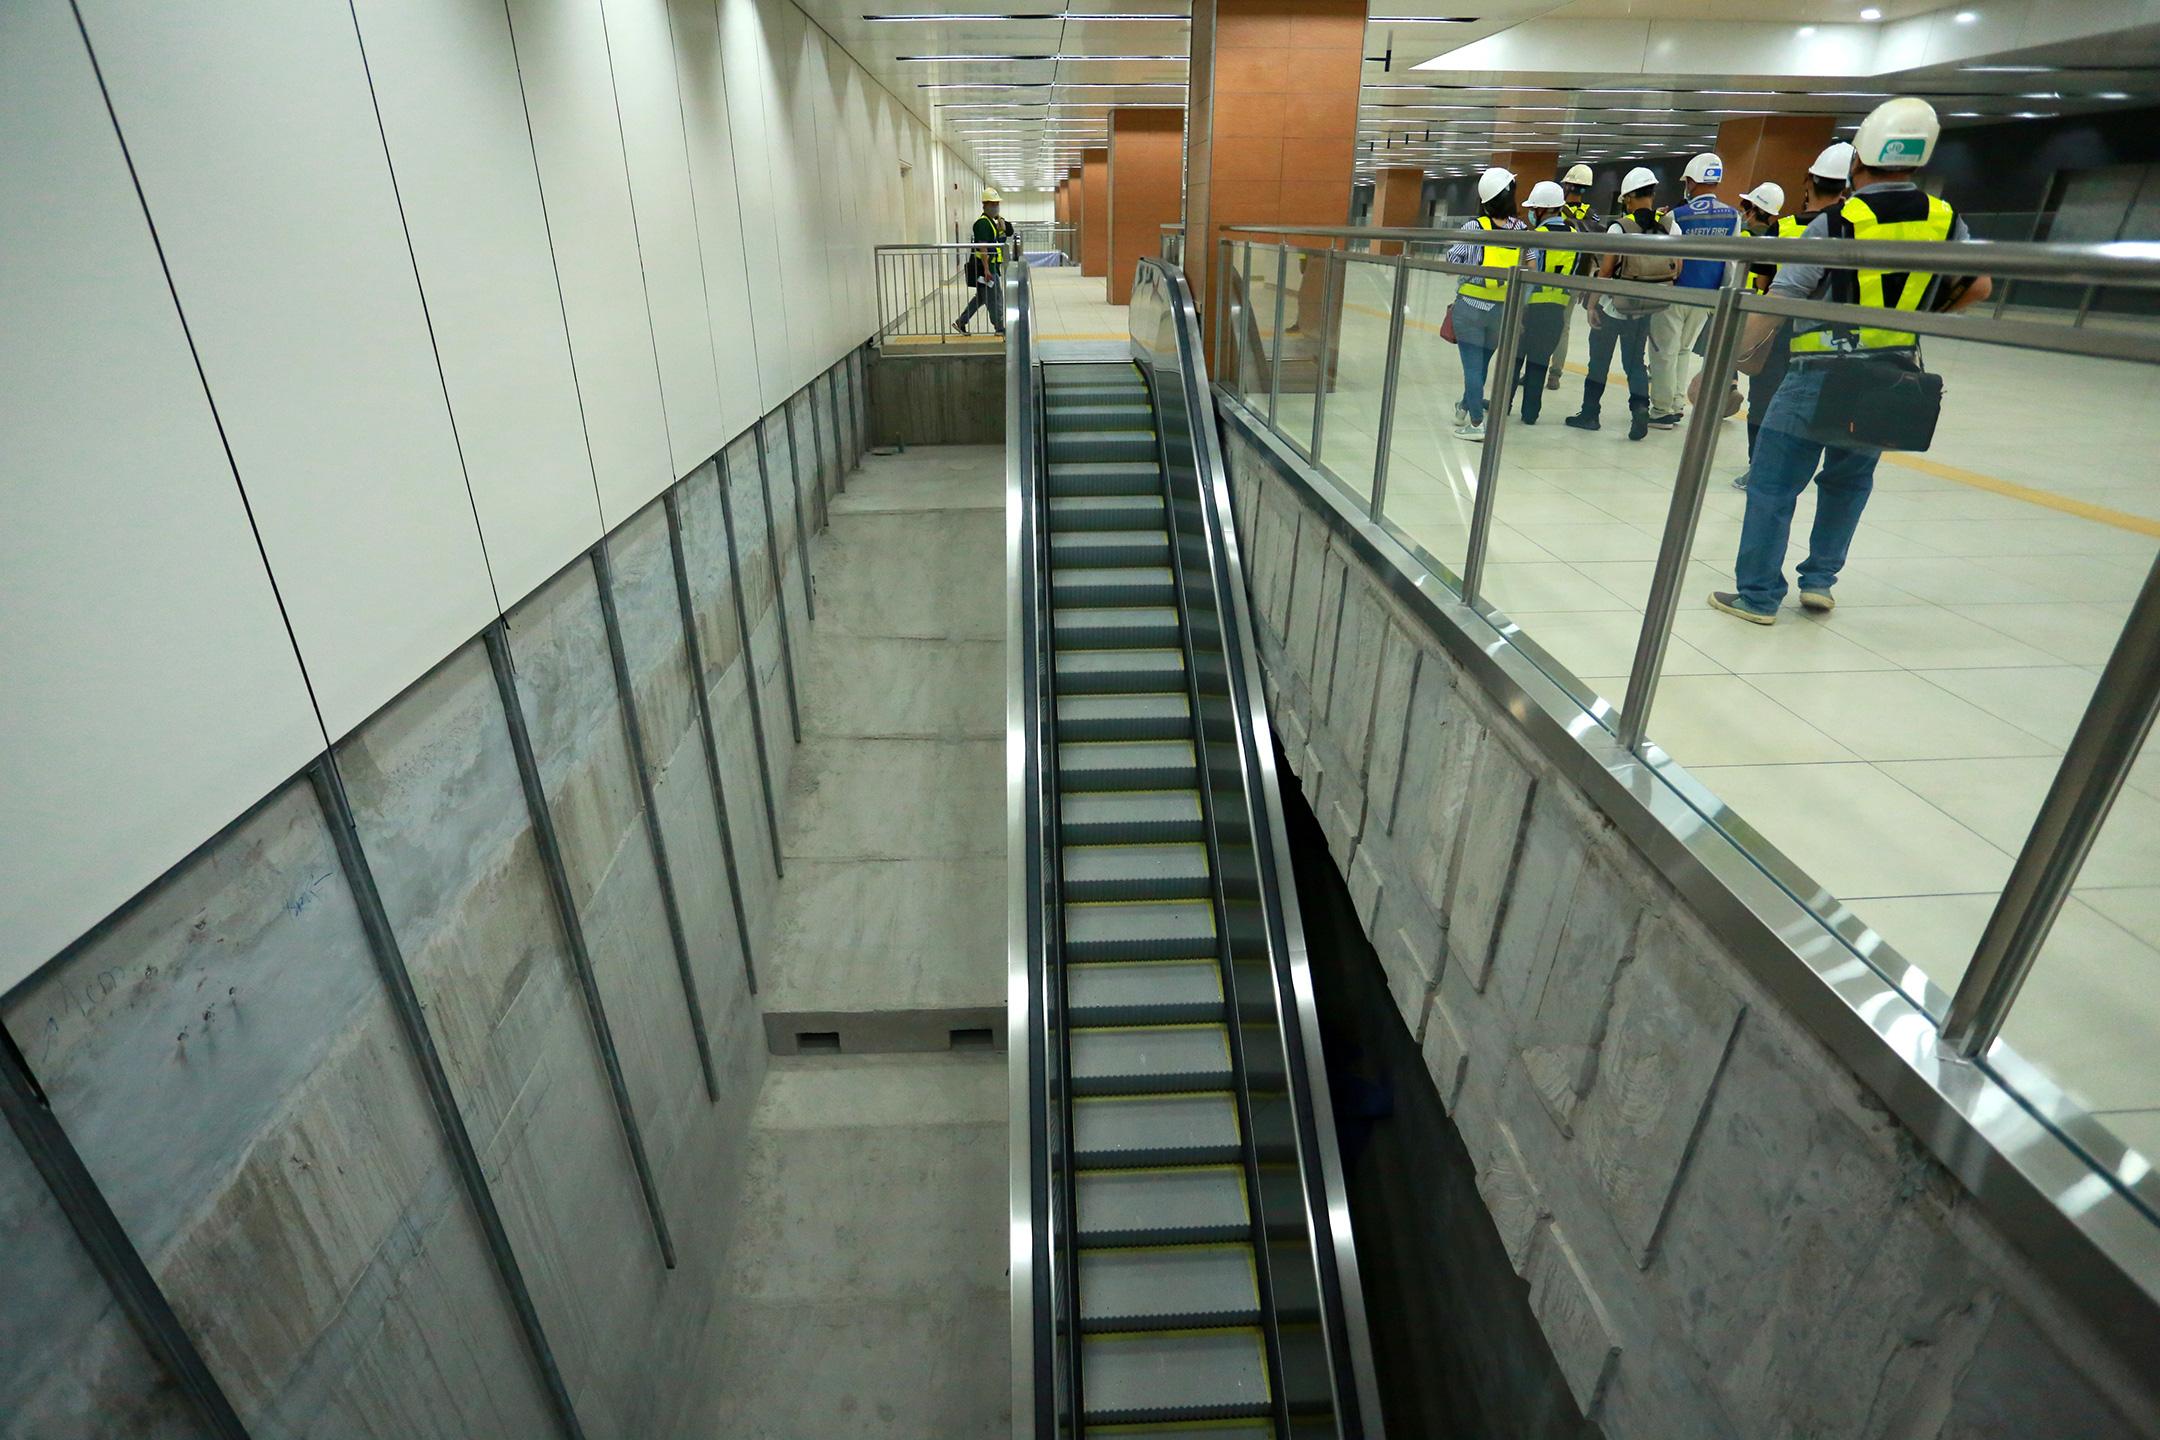 Ga ngầm 4 tầng đầu tiên của Metro TP.HCM sắp hoàn thiện, nằm sát bên Nhà hát thành phố - Ảnh 13.